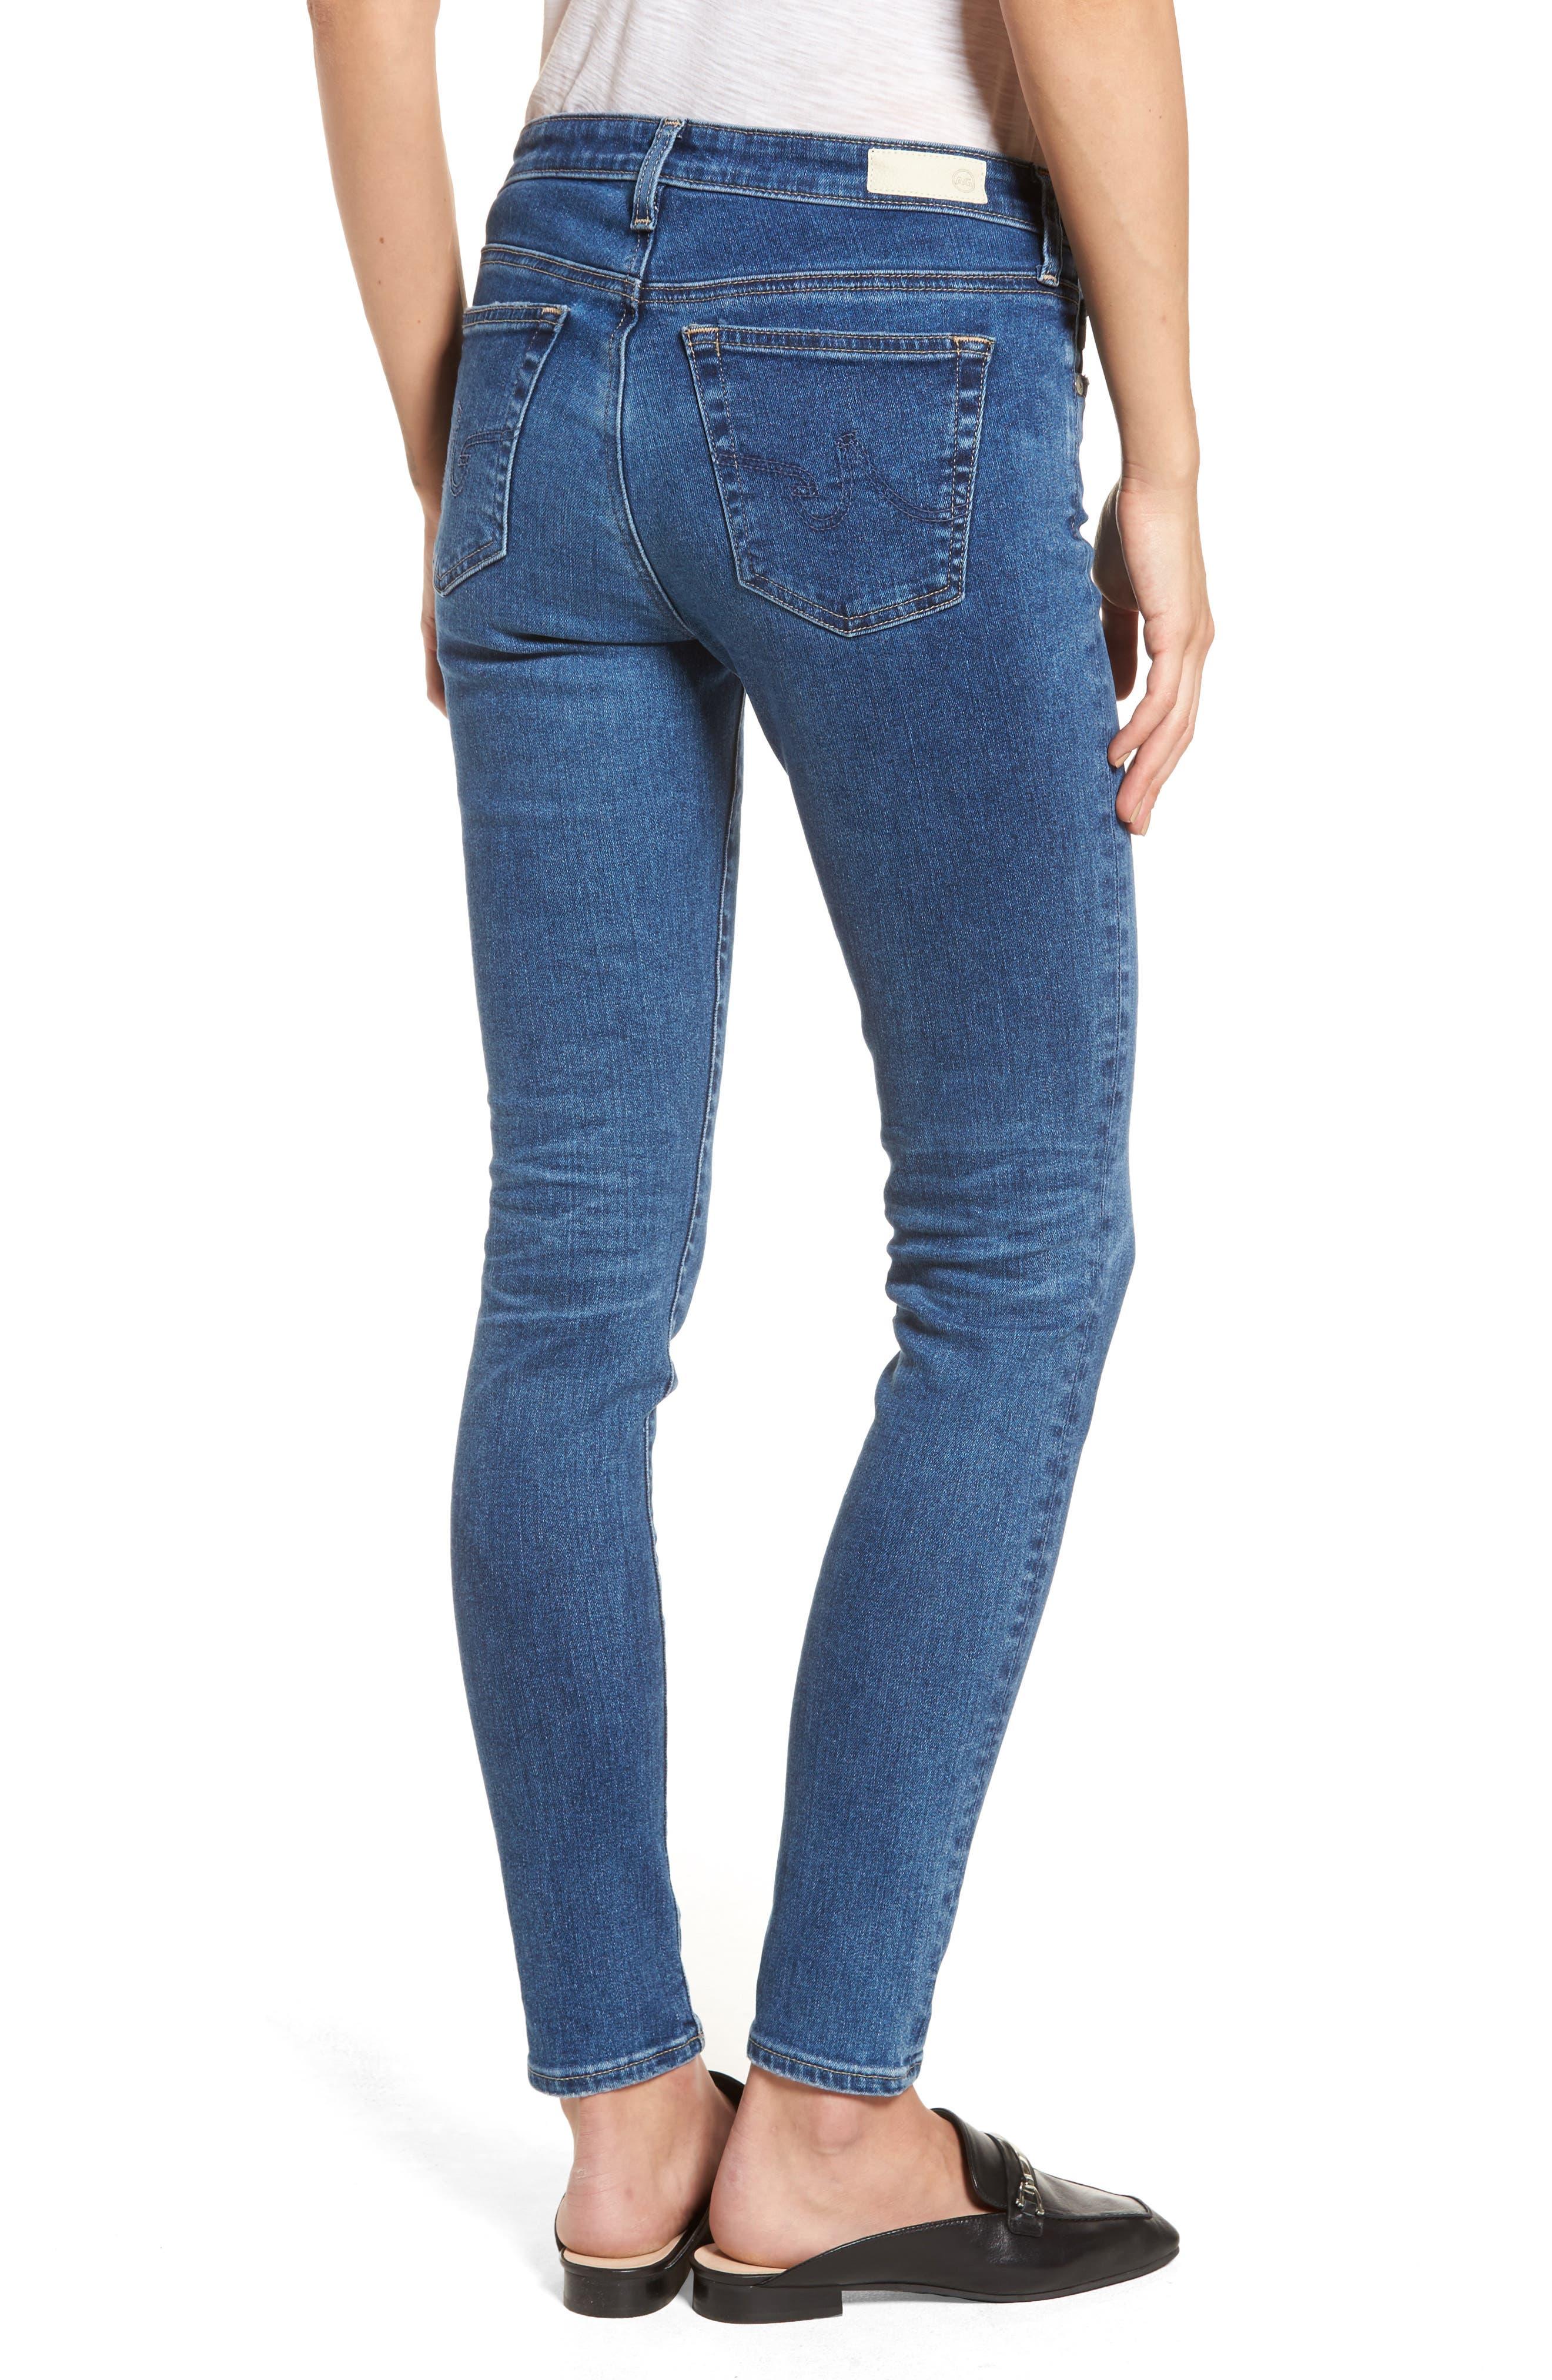 Alternate Image 2  - AG The Legging Ankle Super Skinny Jeans (17 Years Sea Drift)